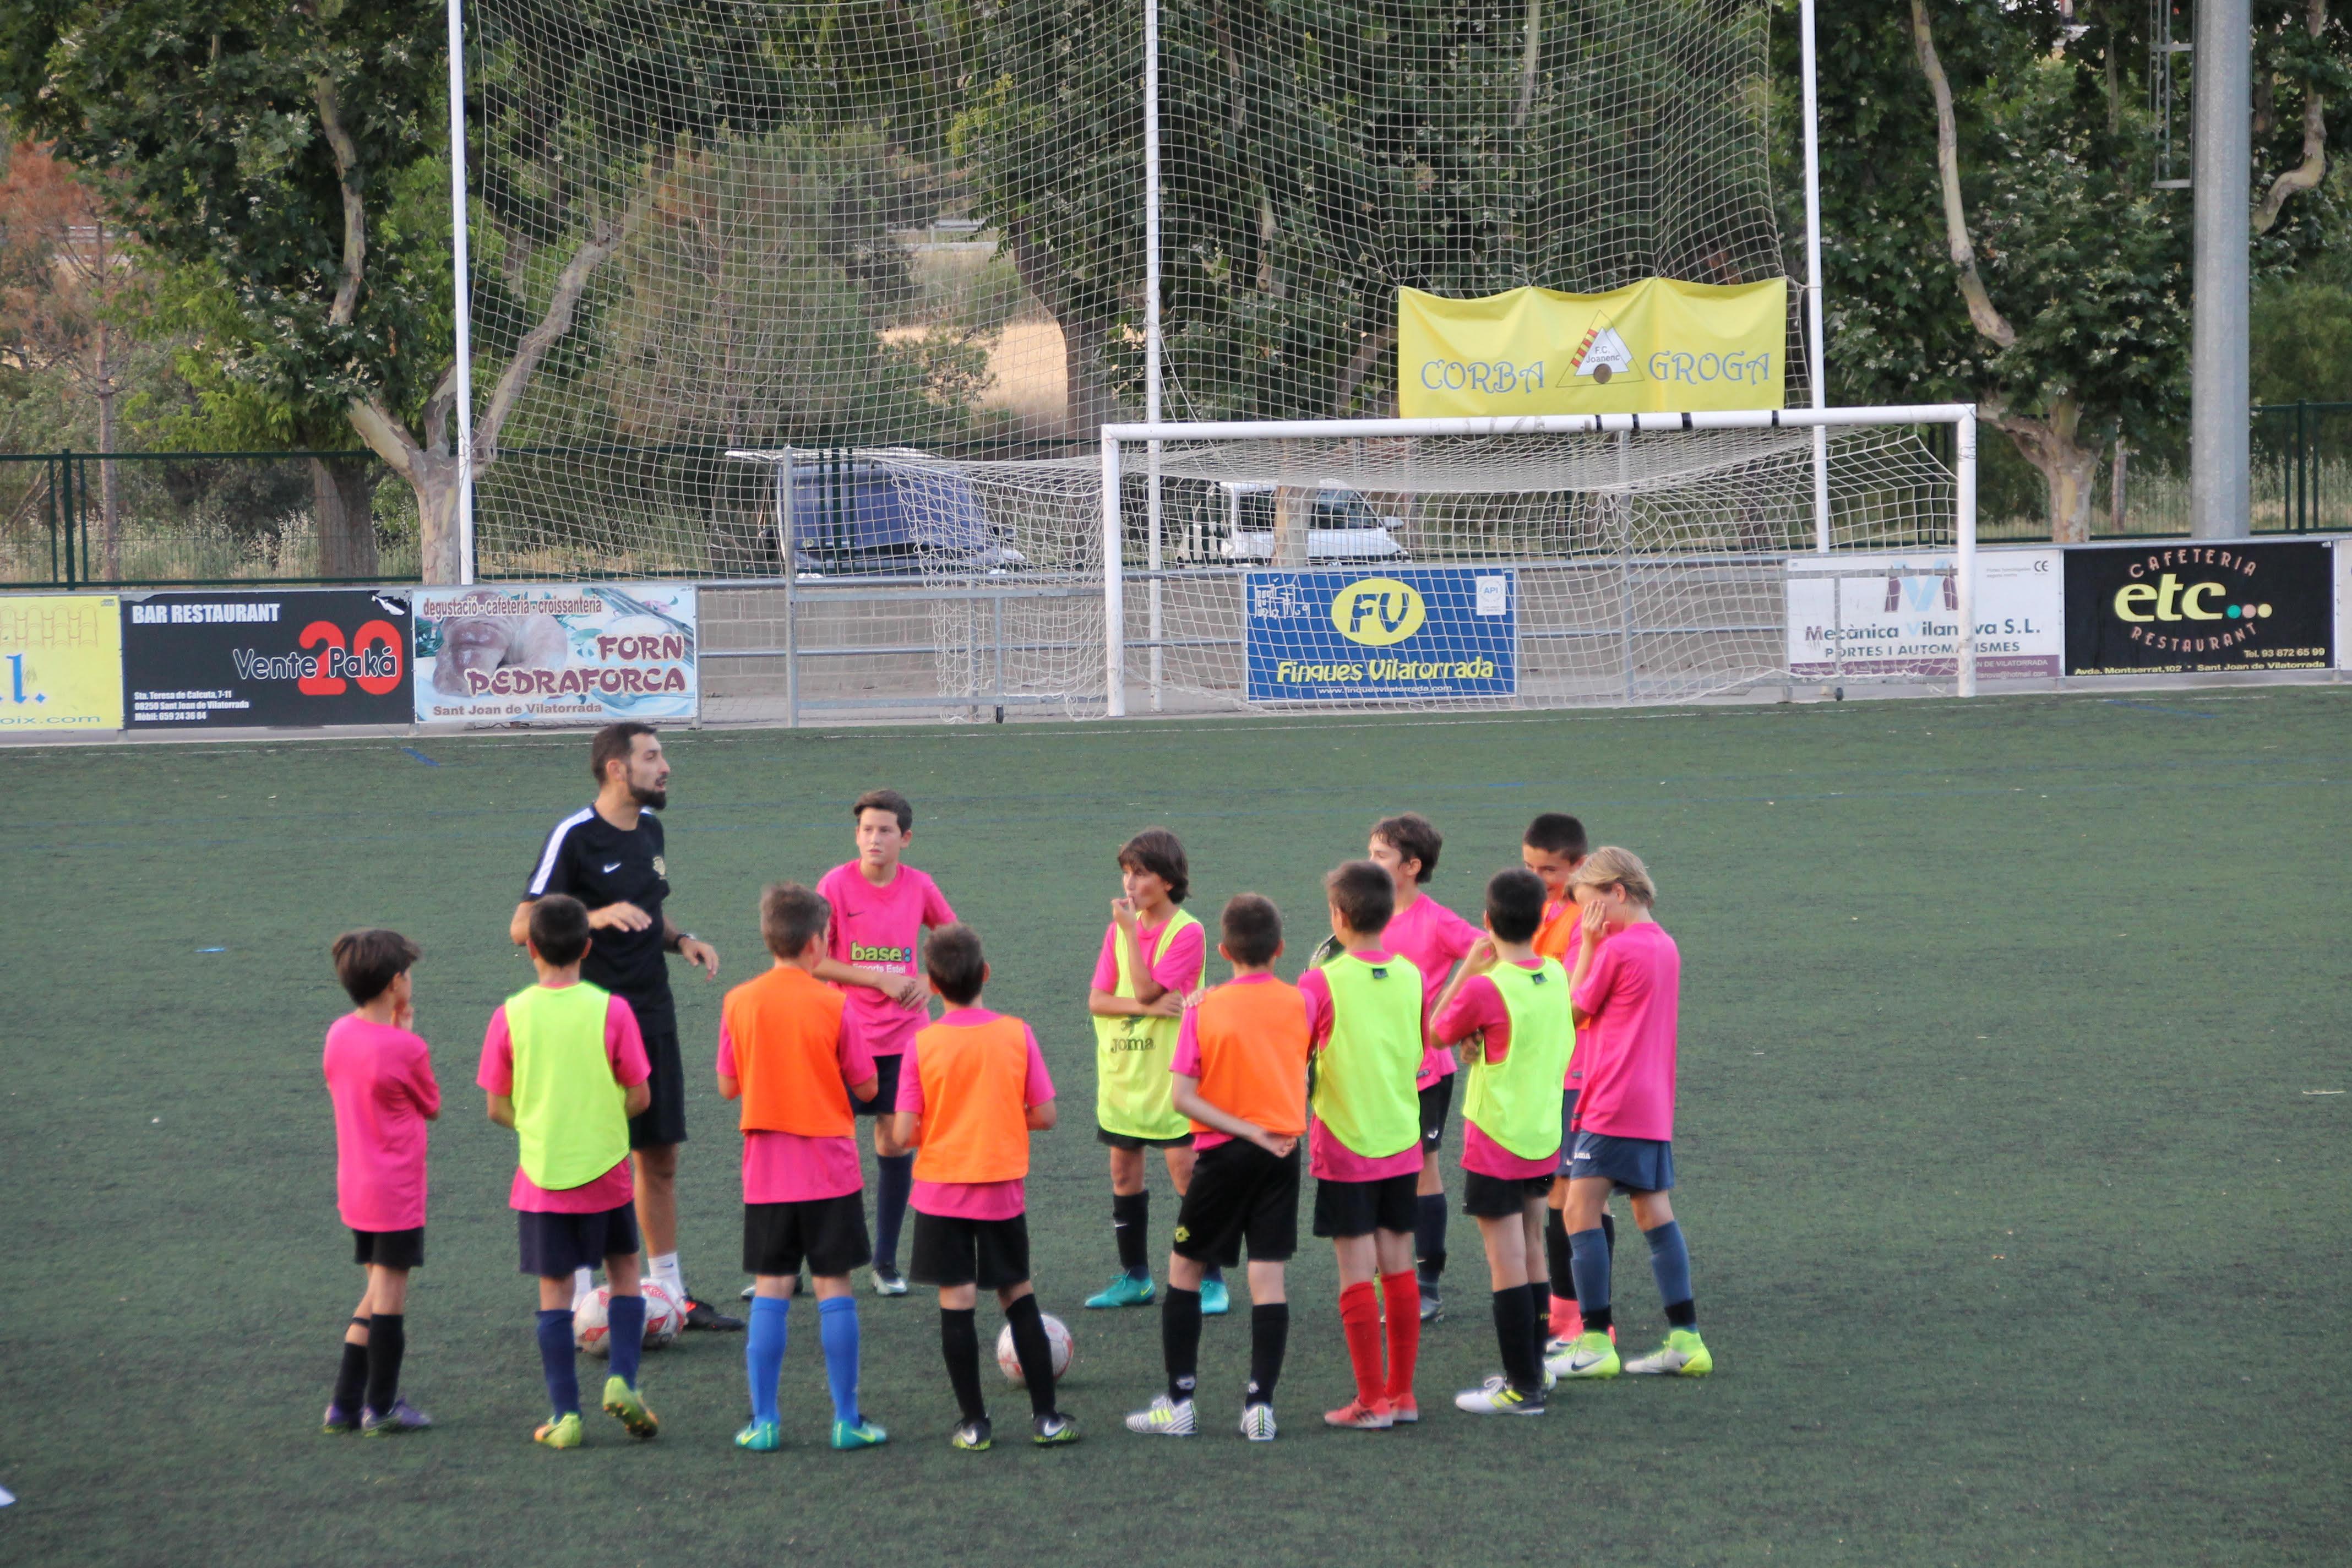 Jaume Quintana dirgint la sessió per a la Vildbjerg Cup